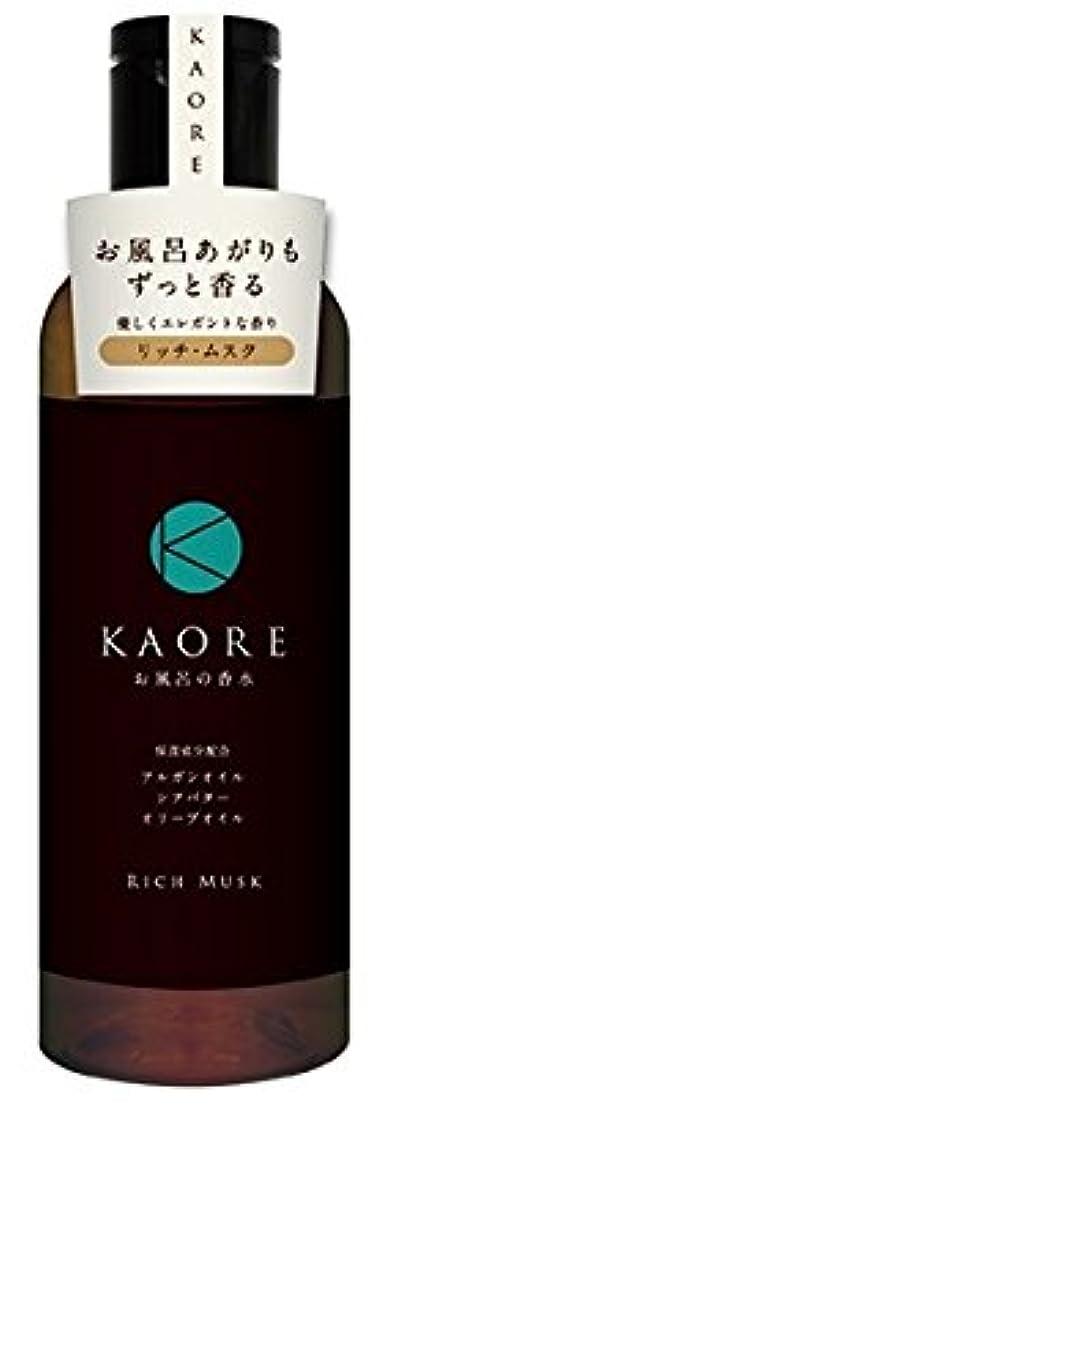 圧倒的教育追い払うKAORE(カオリ) お風呂の香水 リッチムスク 200ml